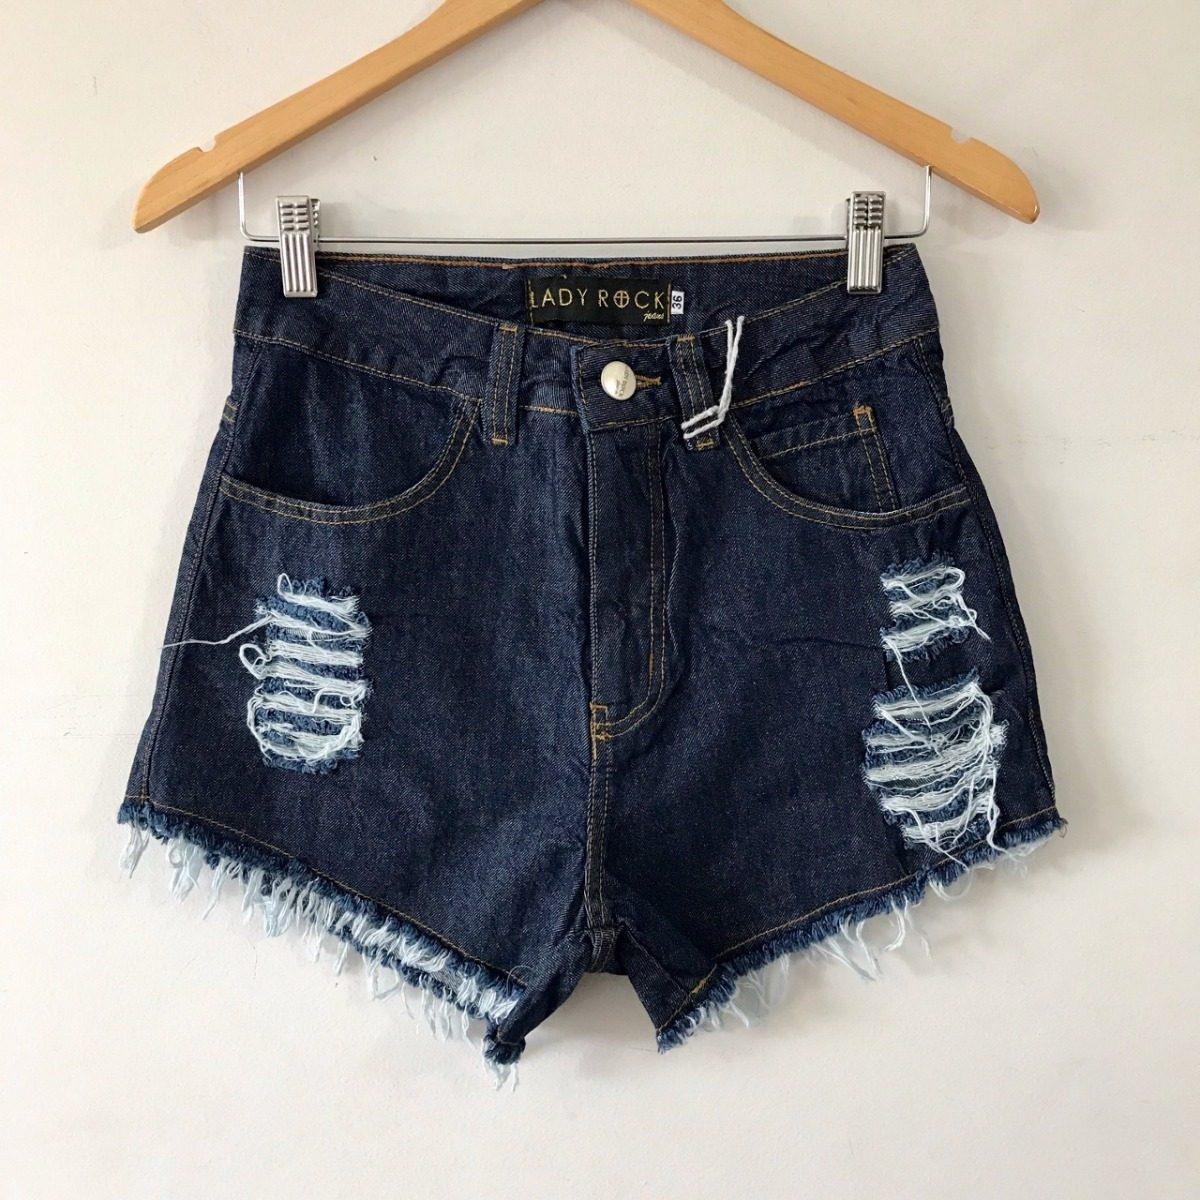 d64fa9165 shorts cintura alta hot pants jeans escuro lady rock. Carregando zoom.